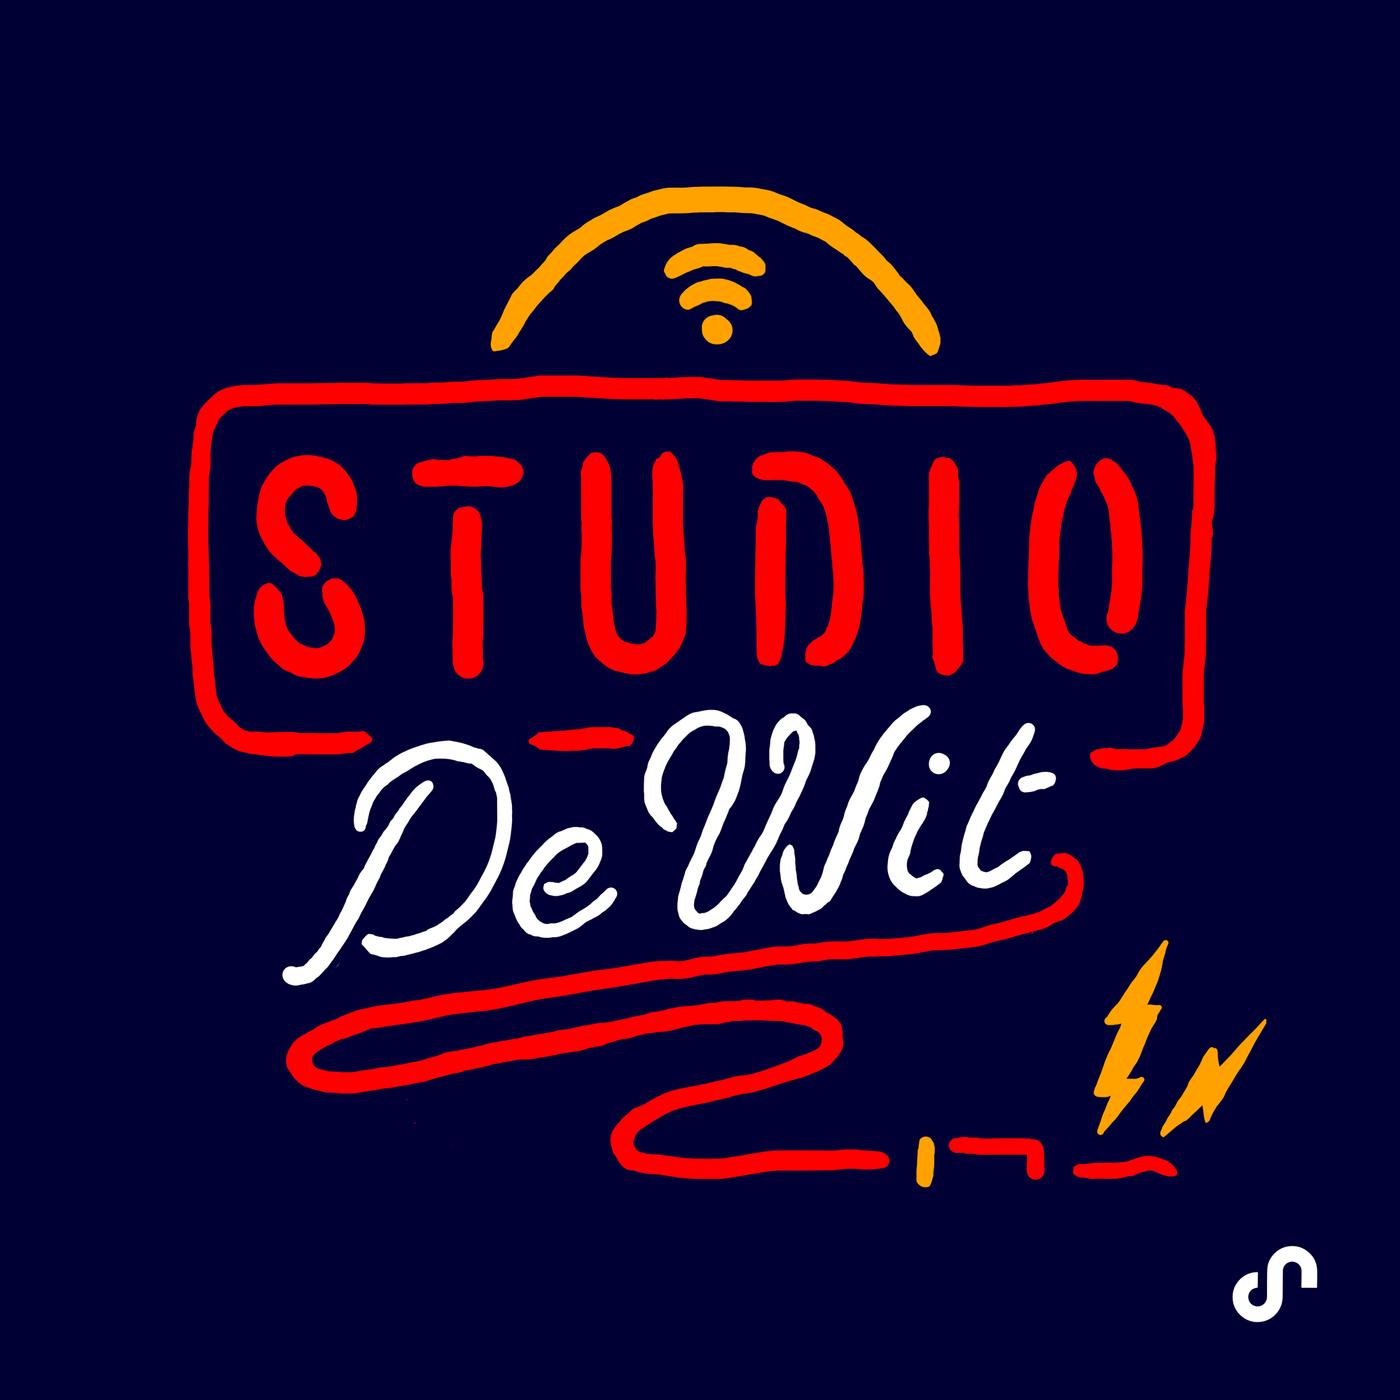 Studio de Wit logo